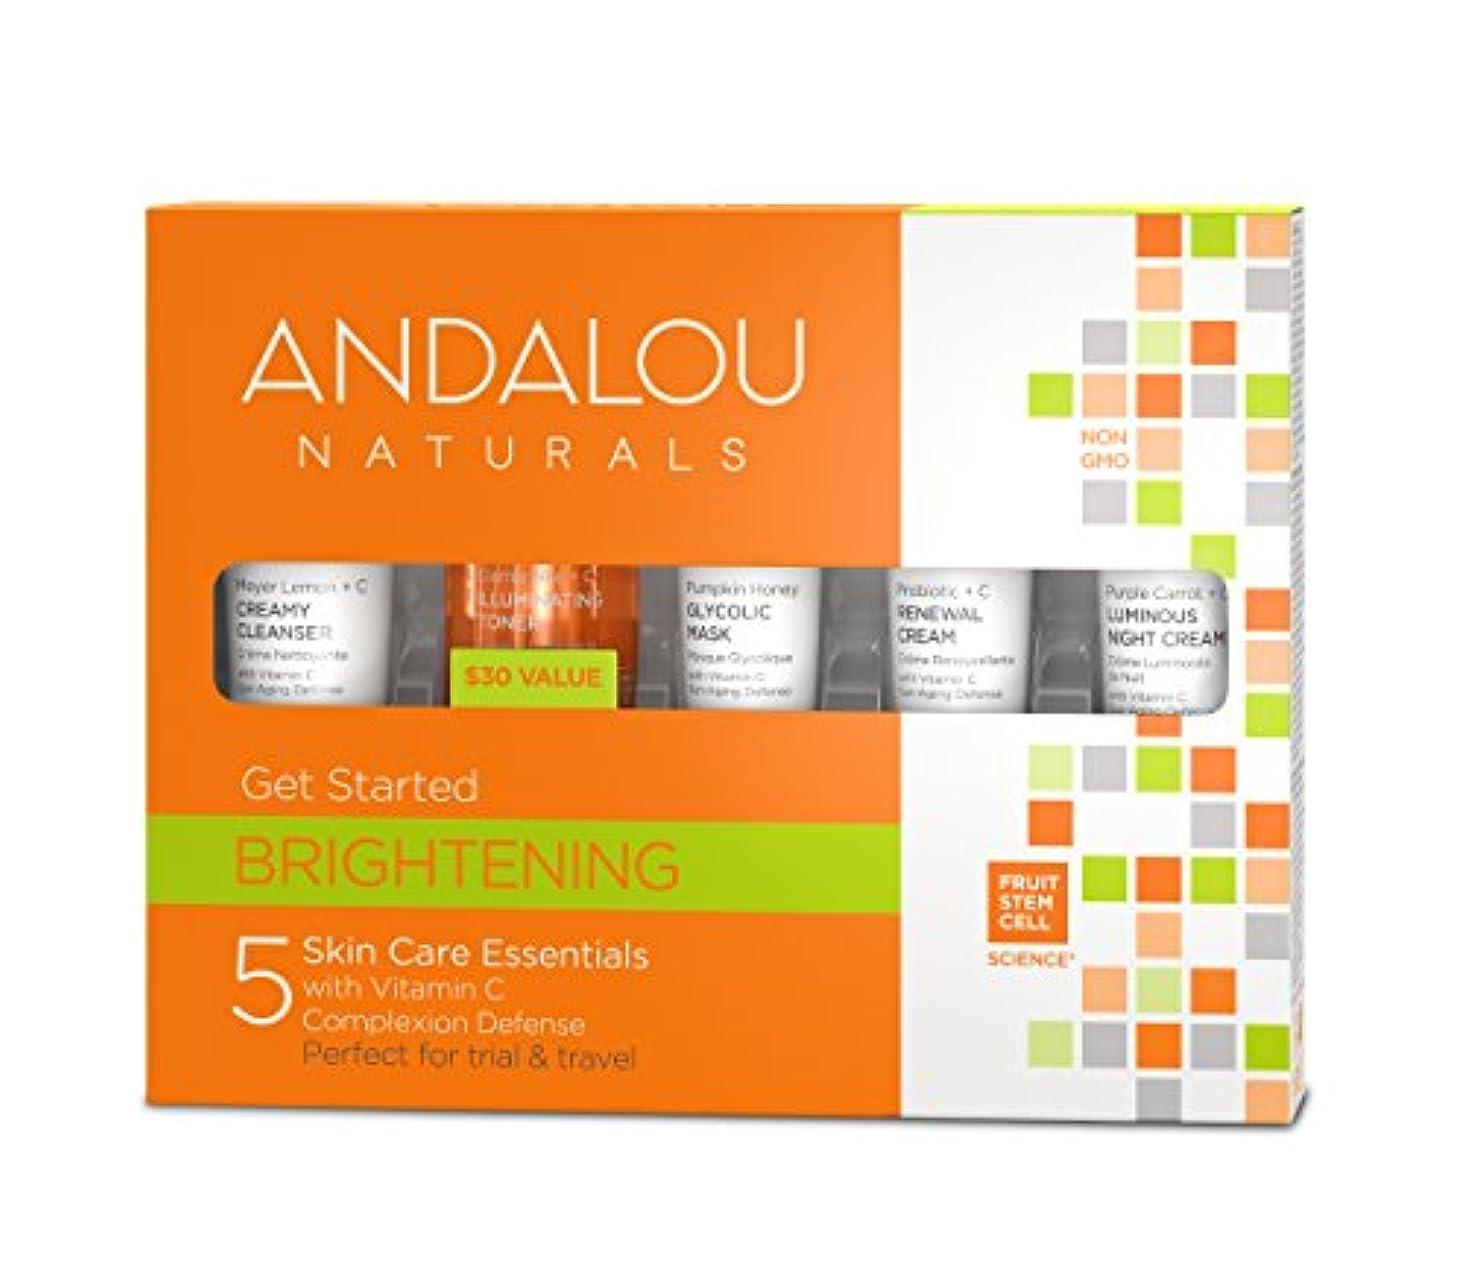 抽象音楽を聴く狐オーガニック ボタニカル トライアルキット 化粧水 洗顔料 ナチュラル フルーツ幹細胞 「 B トライアルキット 」 ANDALOU naturals アンダルー ナチュラルズ